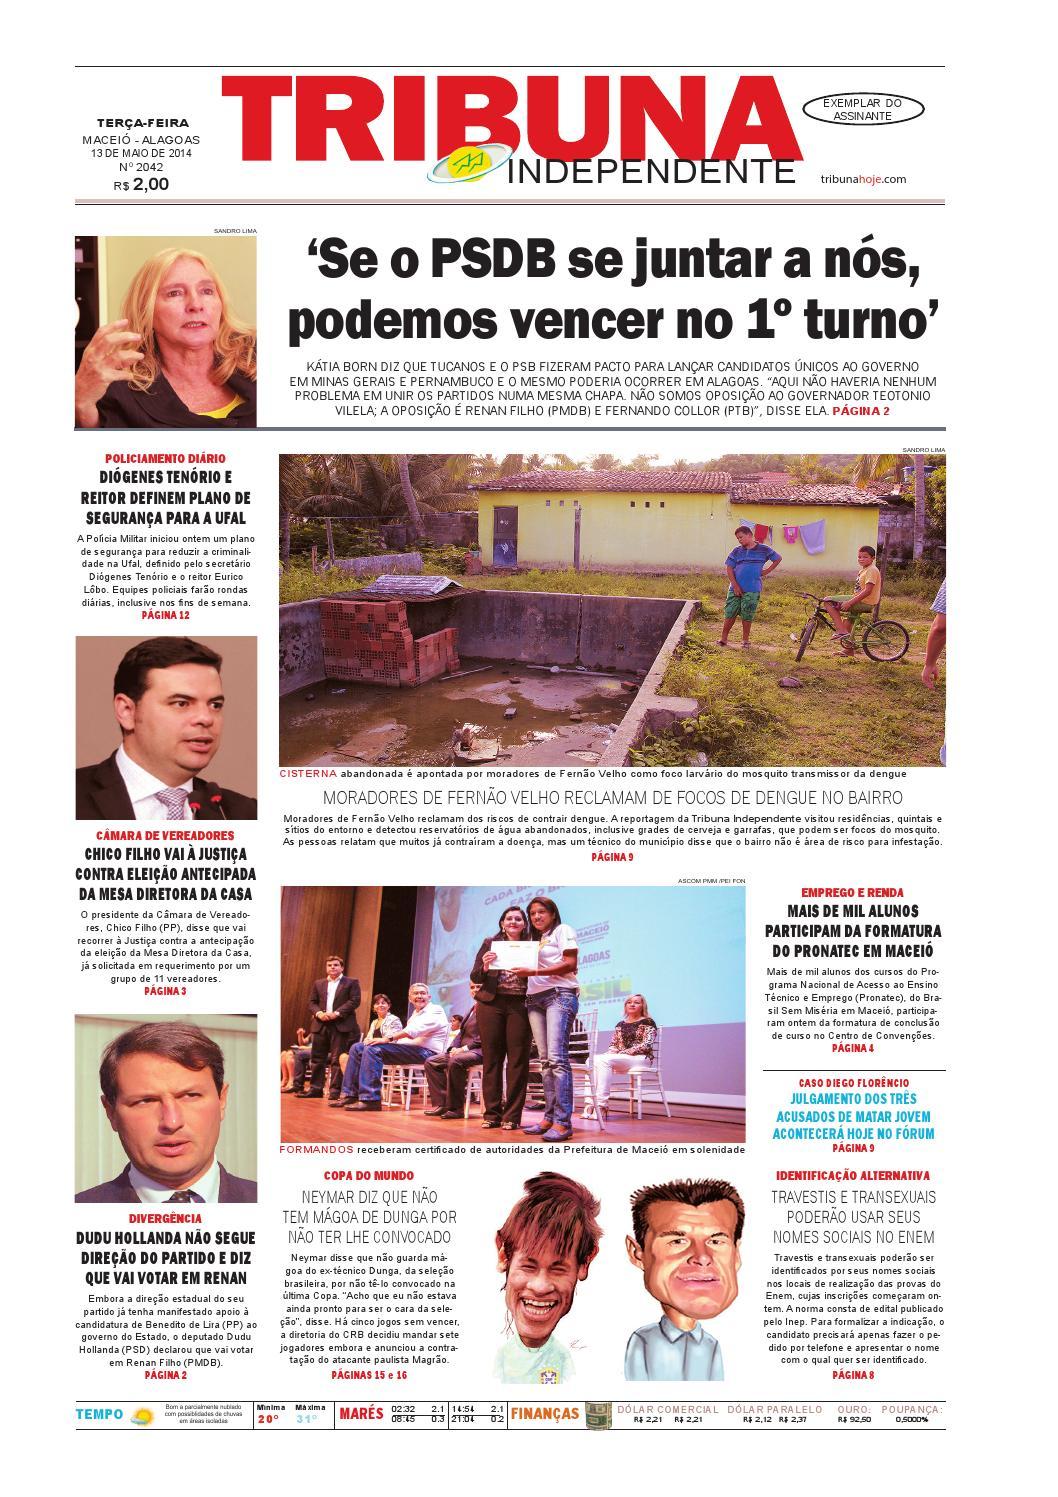 f9dd605617bf2 Edição número 2042 - 13 de maio de 2014 by Tribuna Hoje - issuu